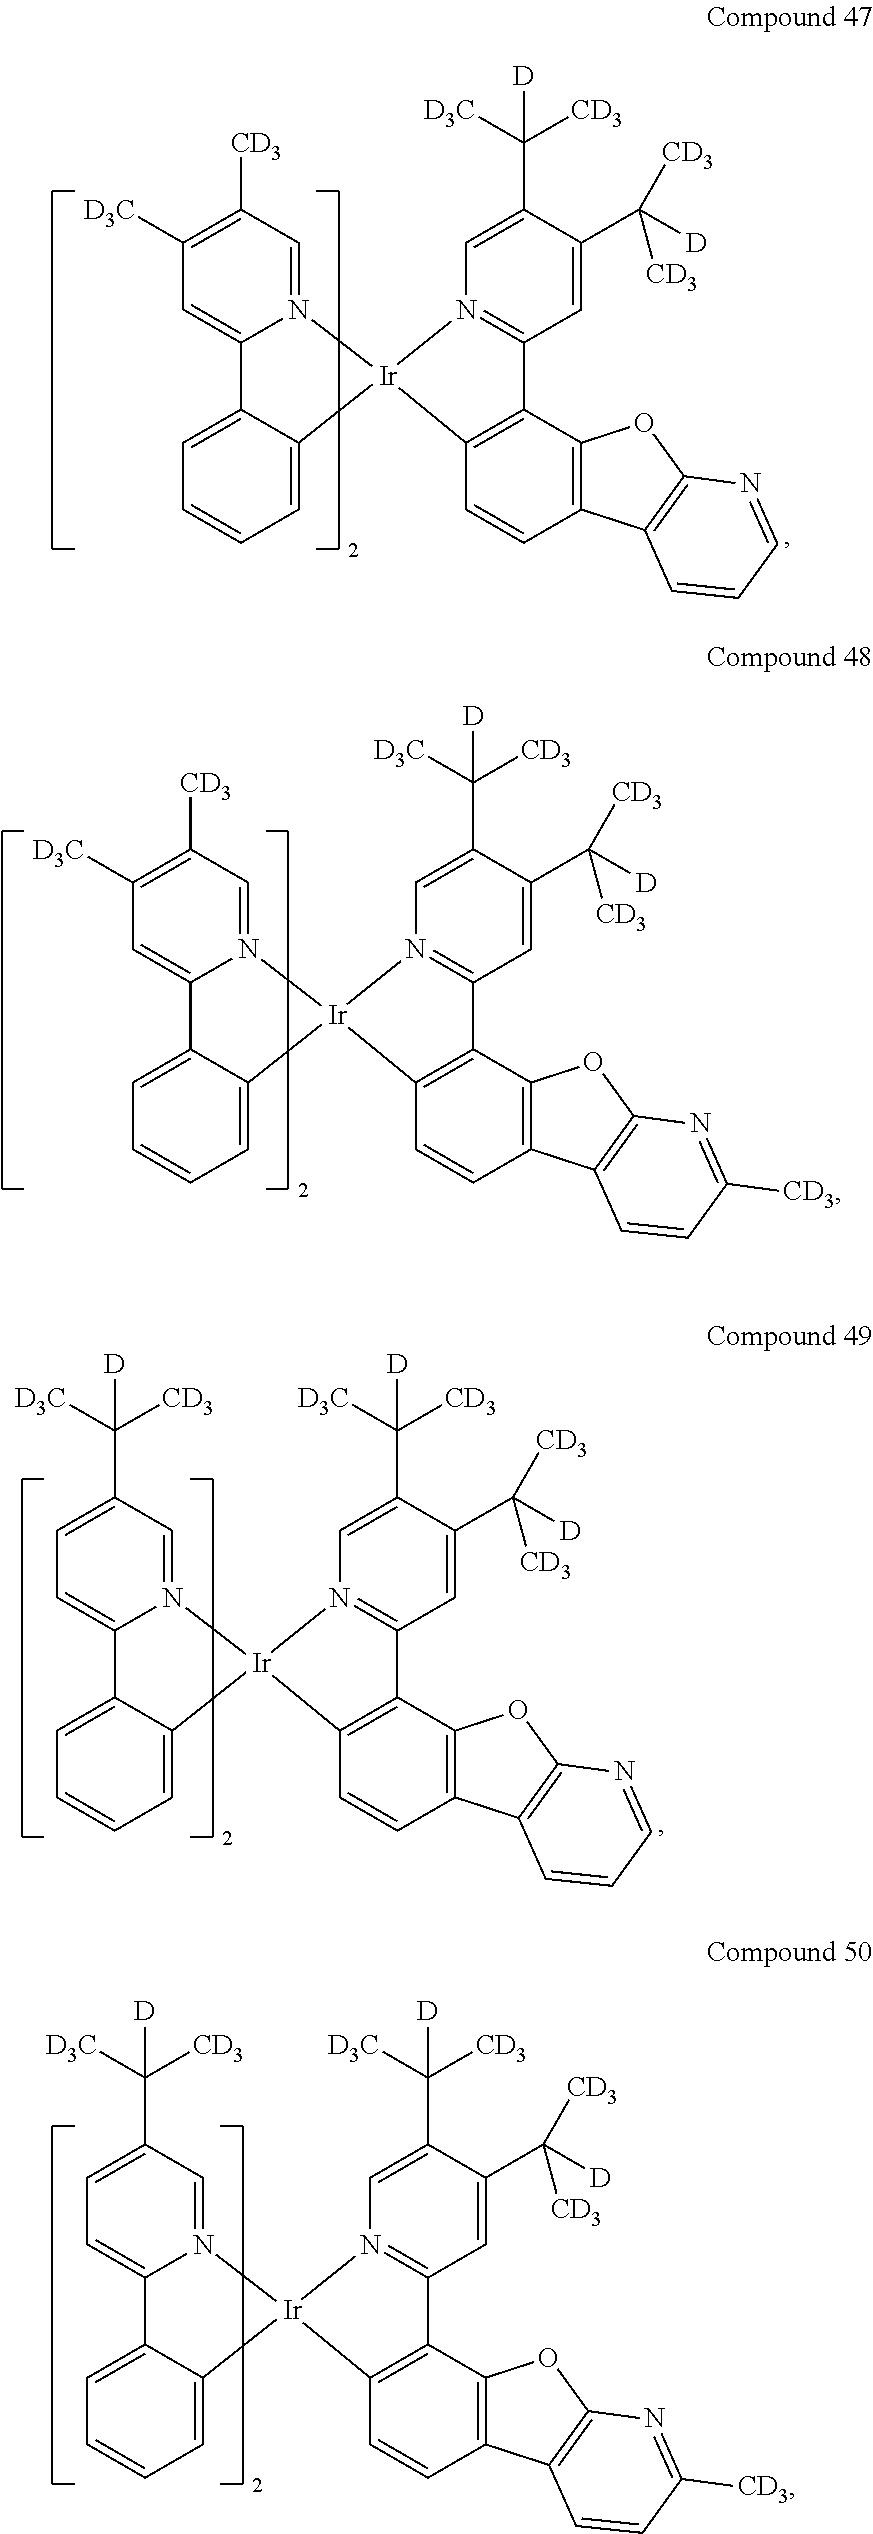 Figure US20160049599A1-20160218-C00542